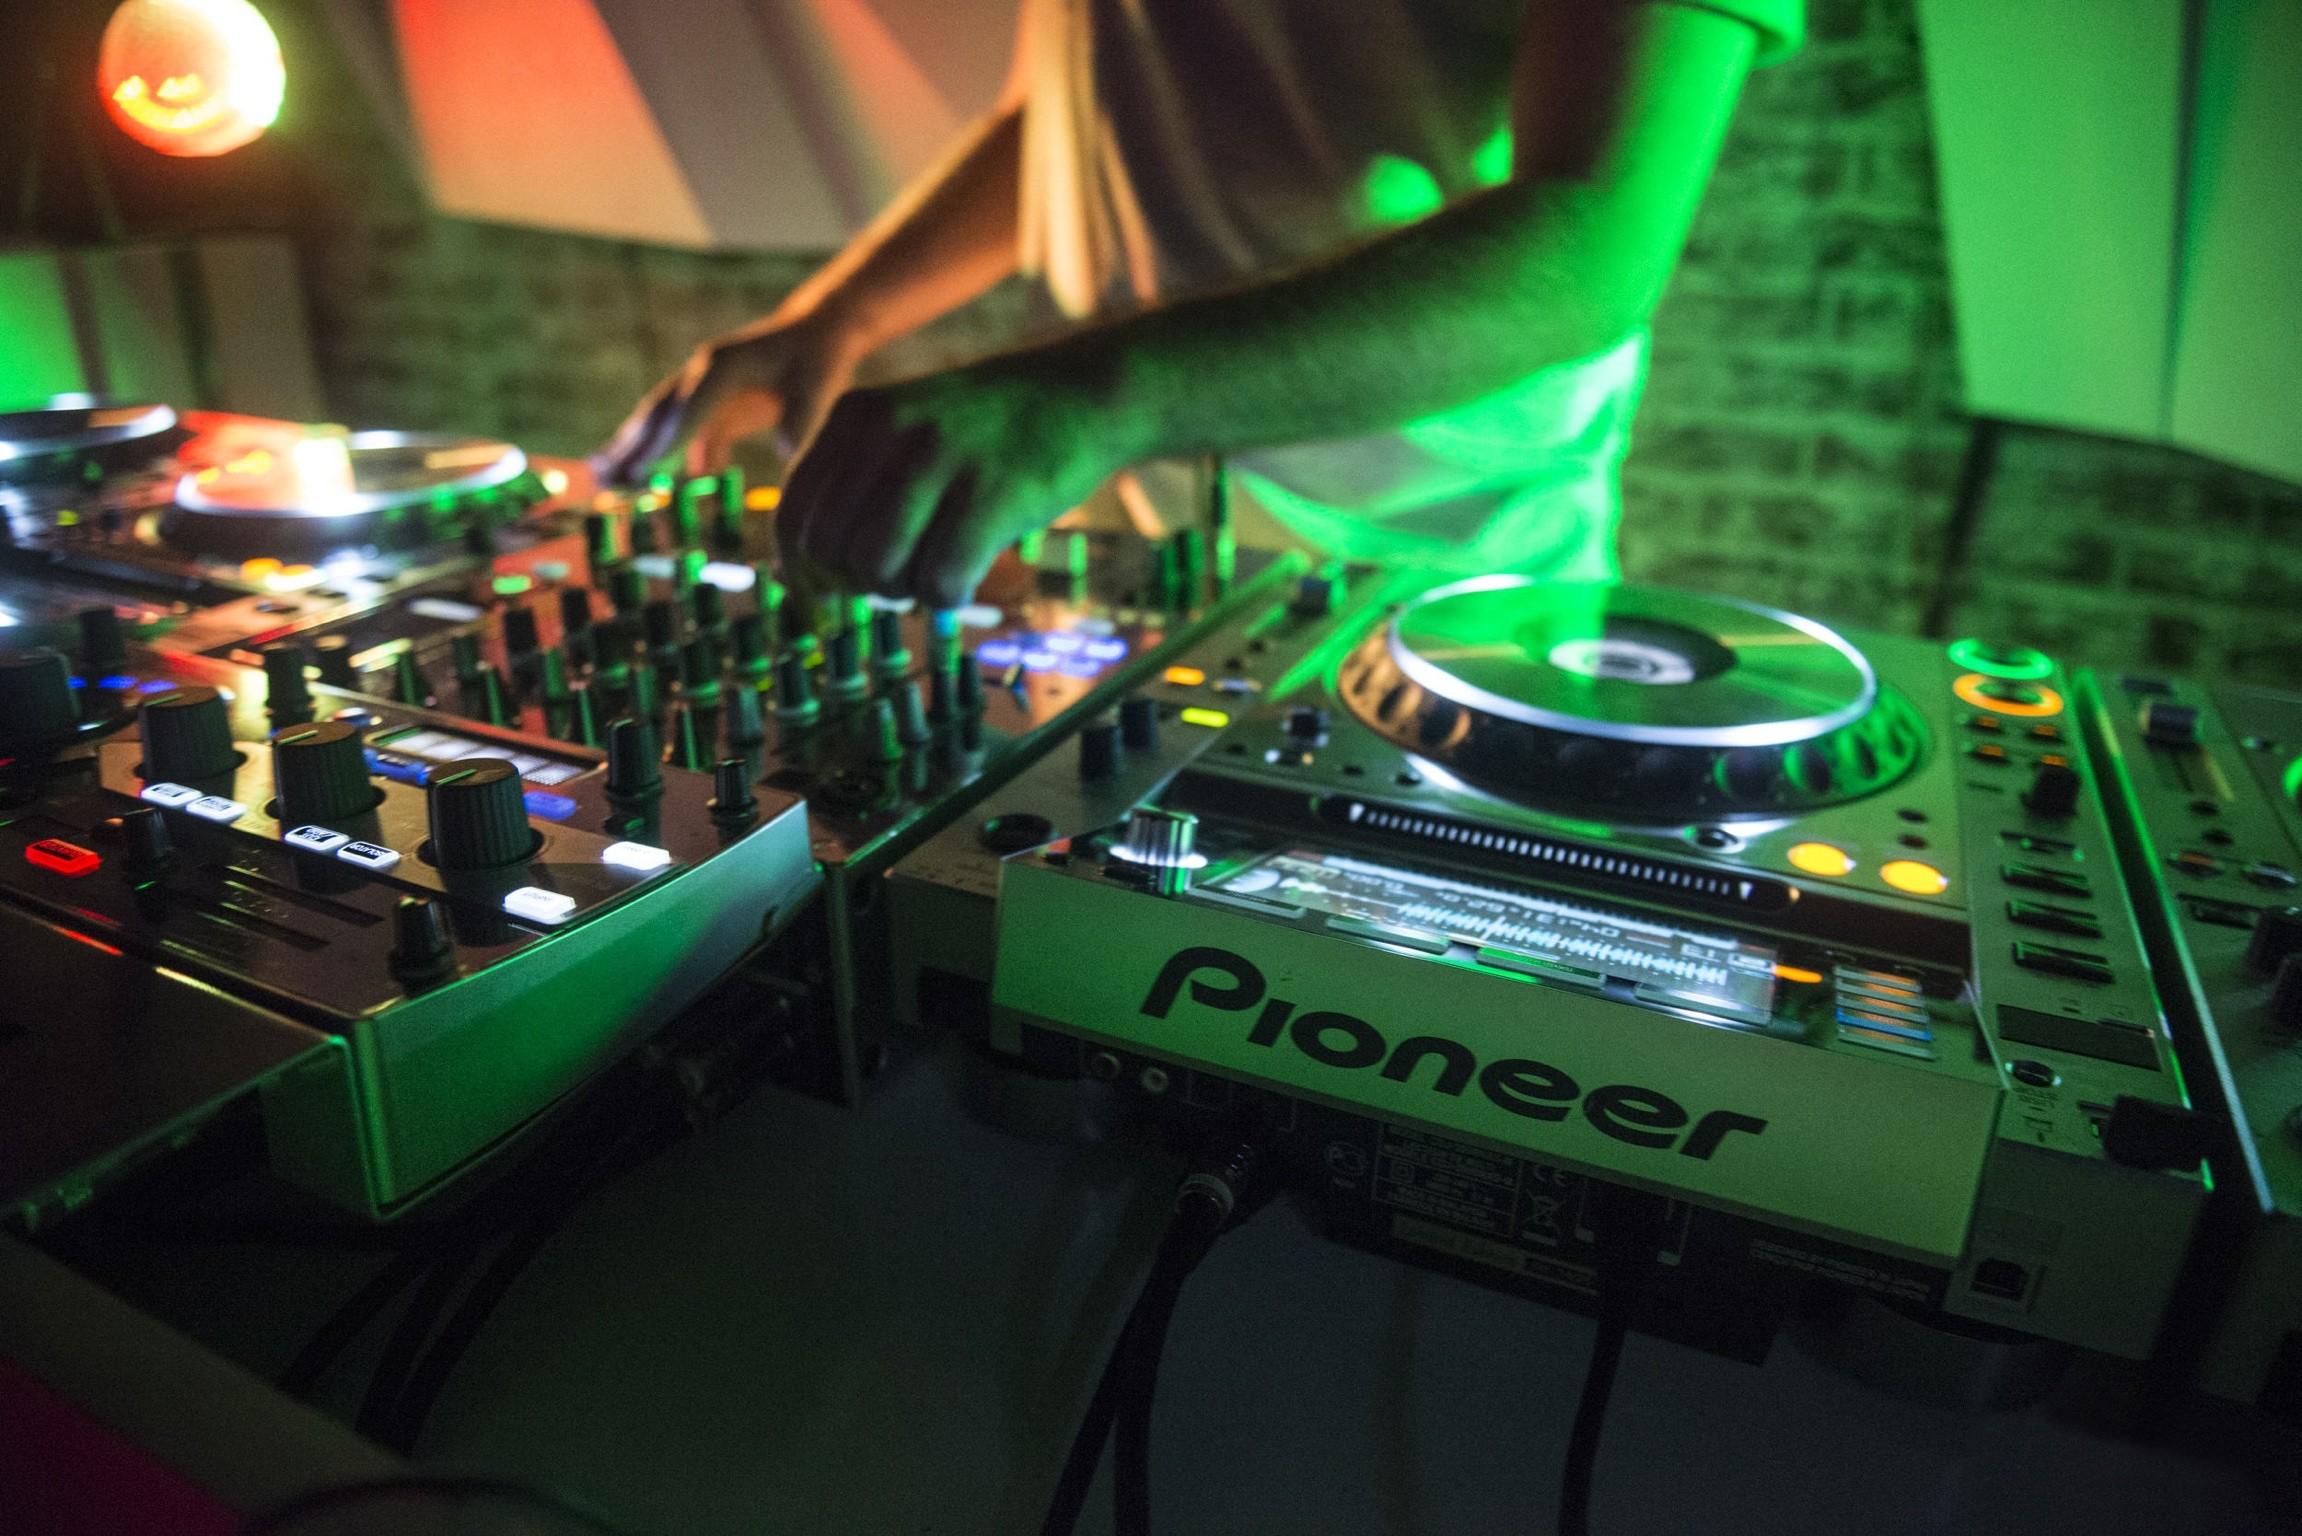 デスクトップ壁紙 音楽 dj ターンテーブル ディスクジョッキー